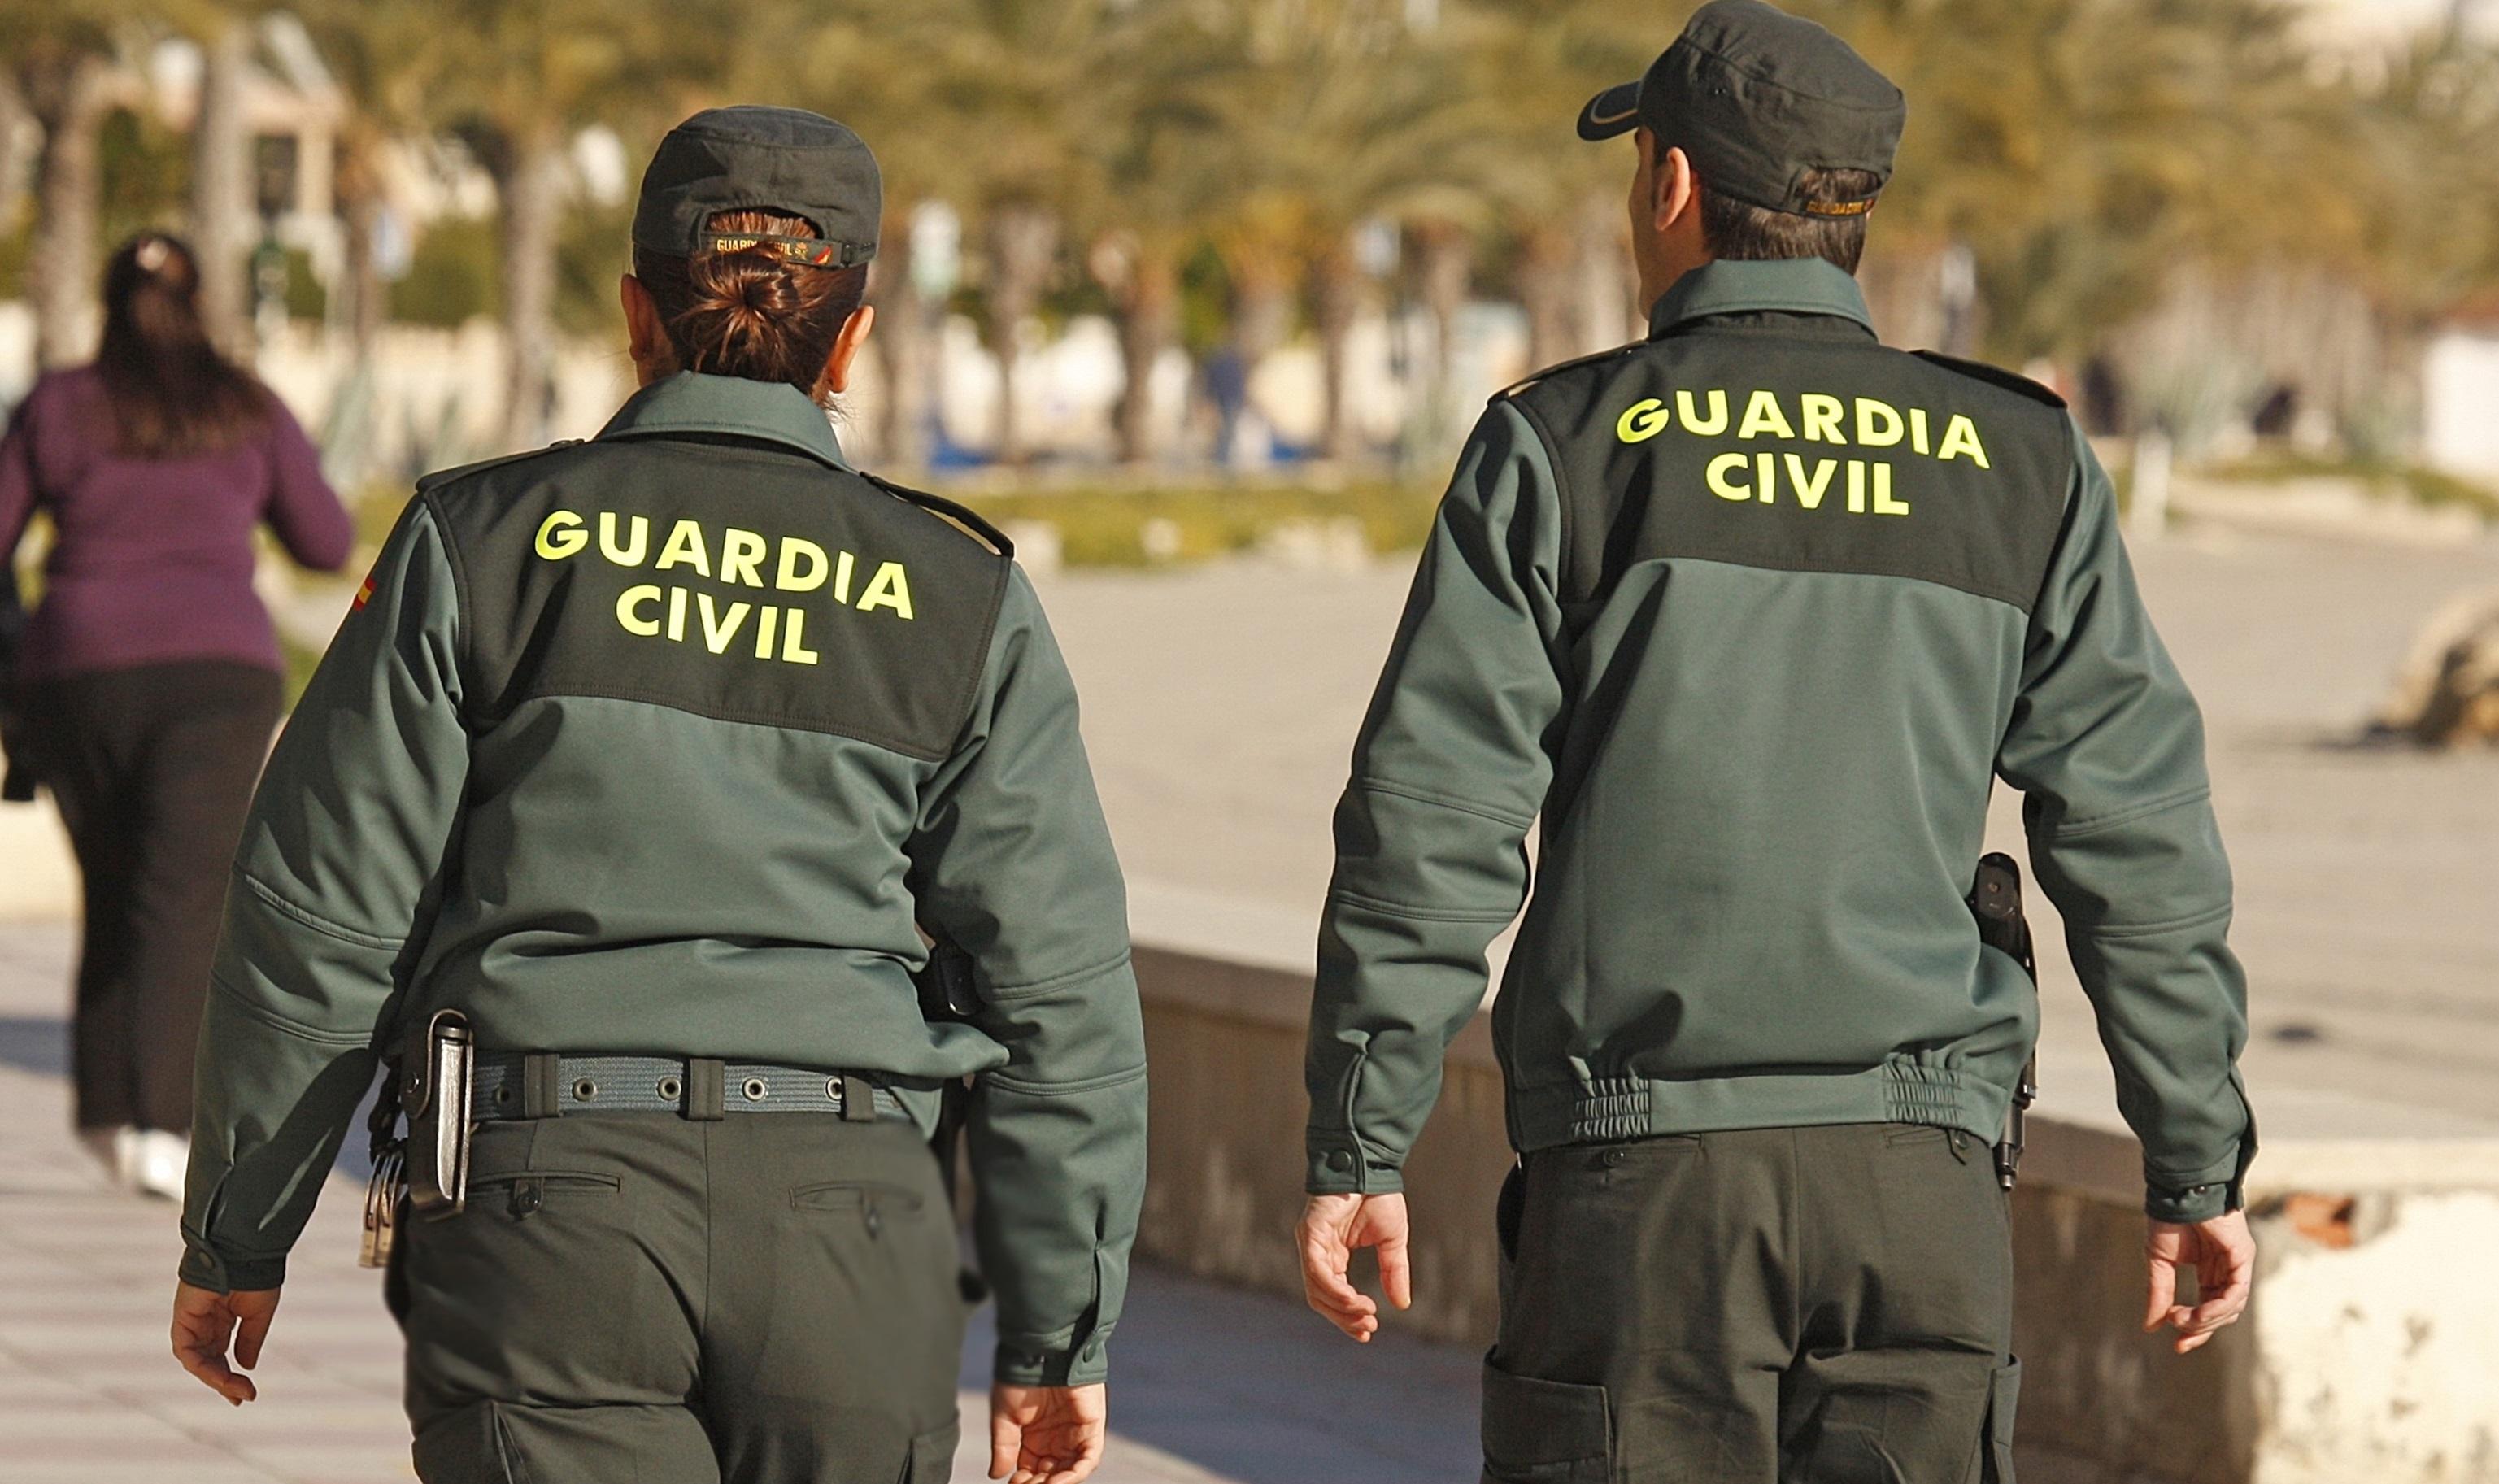 Detenido un conductor tras atropellar a un hombre y darse a la fuga noticias fuerteventura - Farmacia guardia puerto del rosario ...